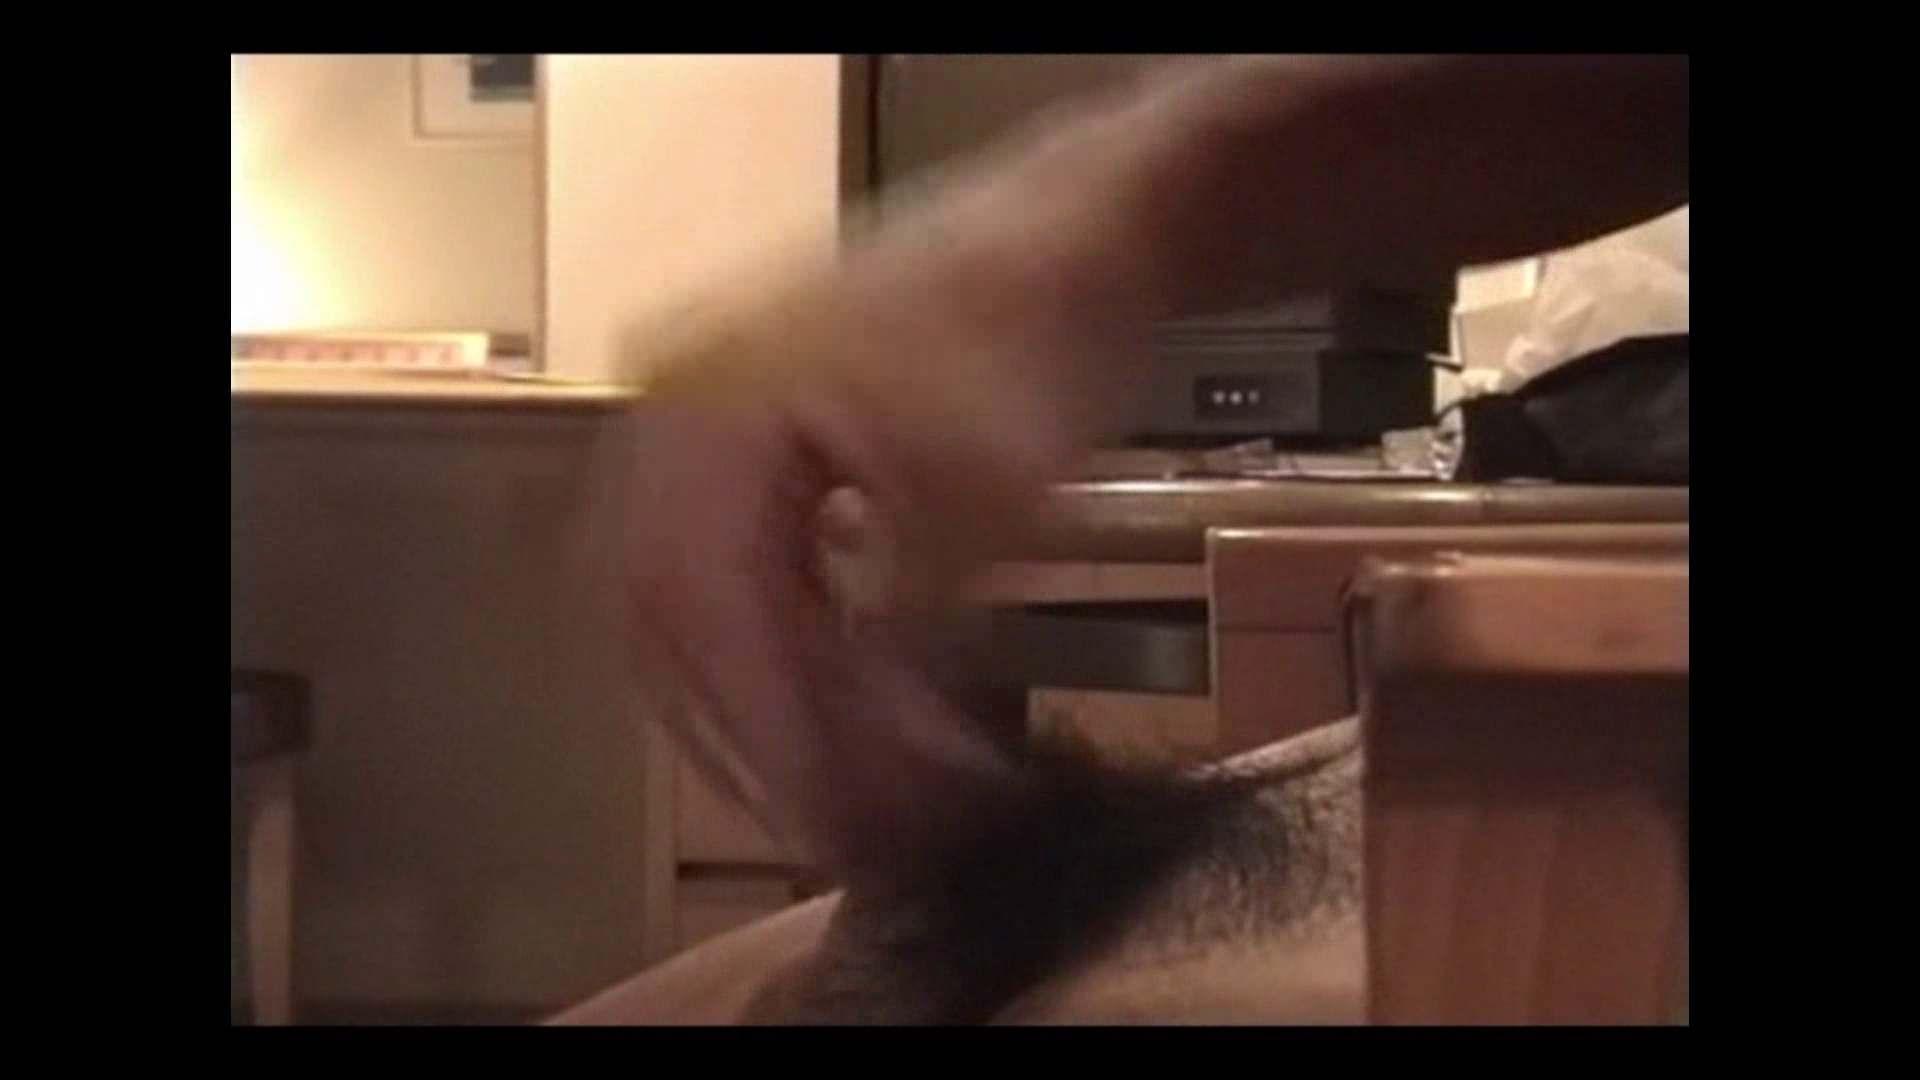 おまけ!阪神の優勝に興奮してイキ過ぎた行動をする男を口説きオナニー撮影 オナニー特集 | イケメンのsex  80pic 73